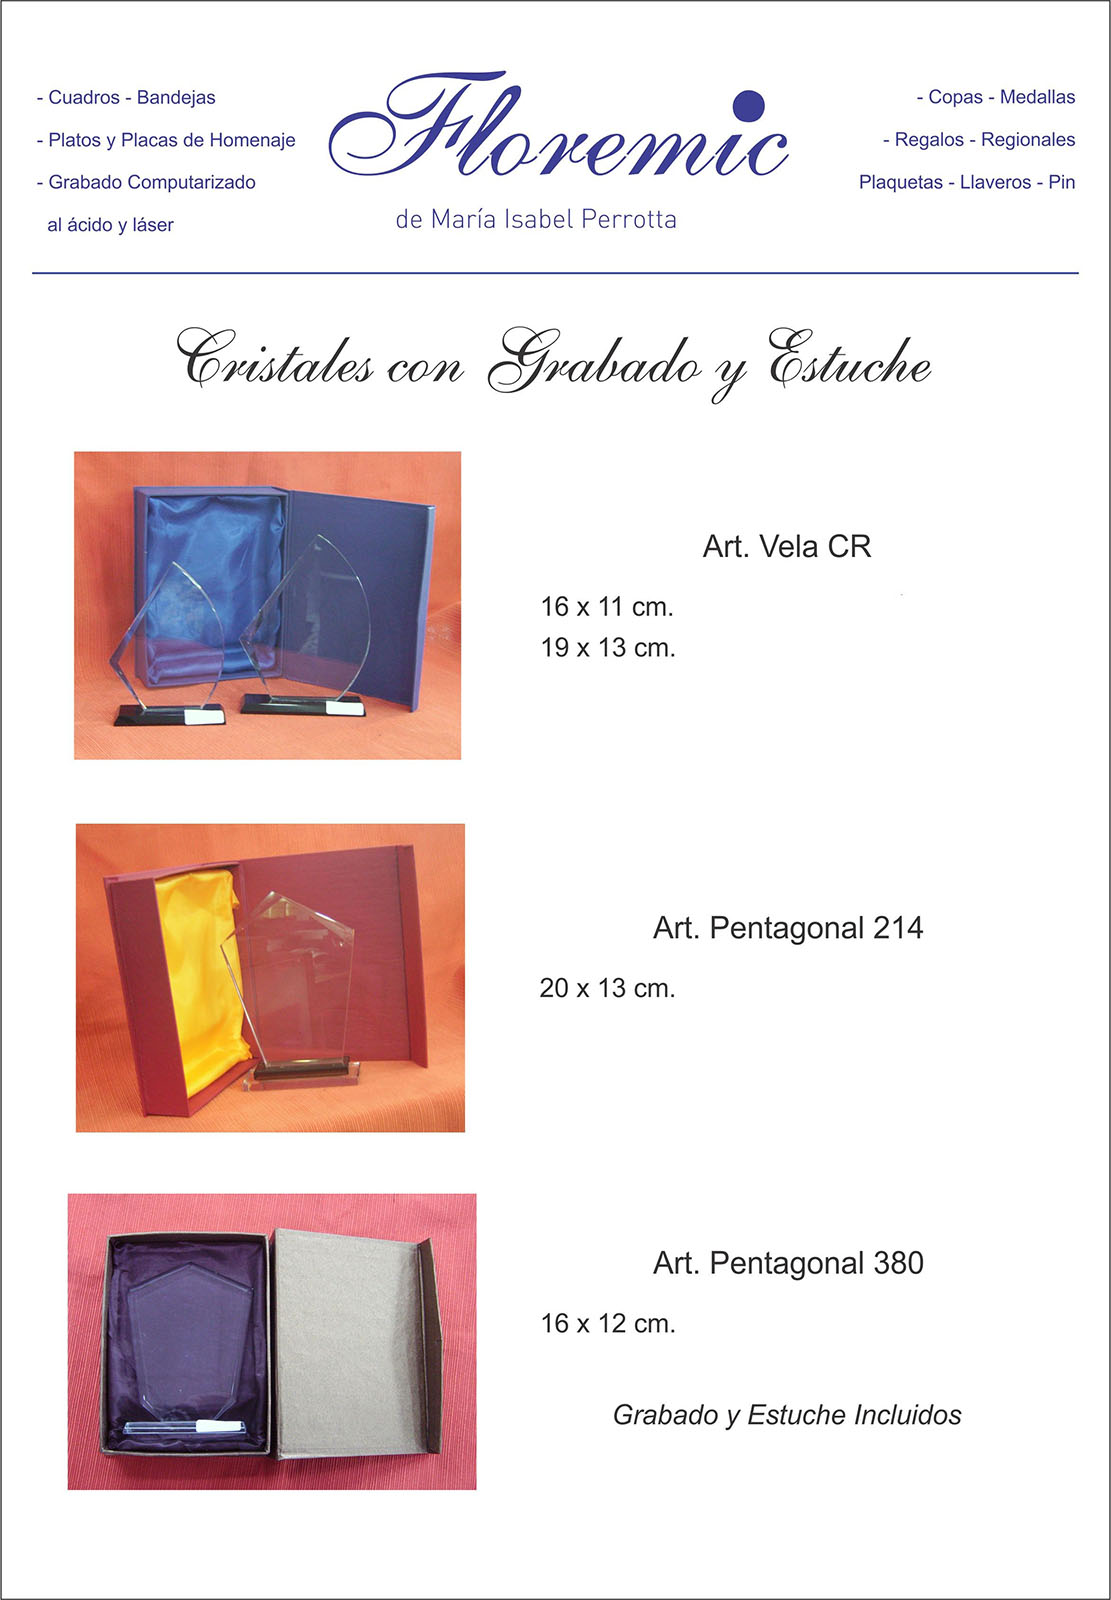 Precio cristal climalit 4 6 4 trendy free vidrio laminado mm incoloro m corte a medida with - Cristal climalit precio ...